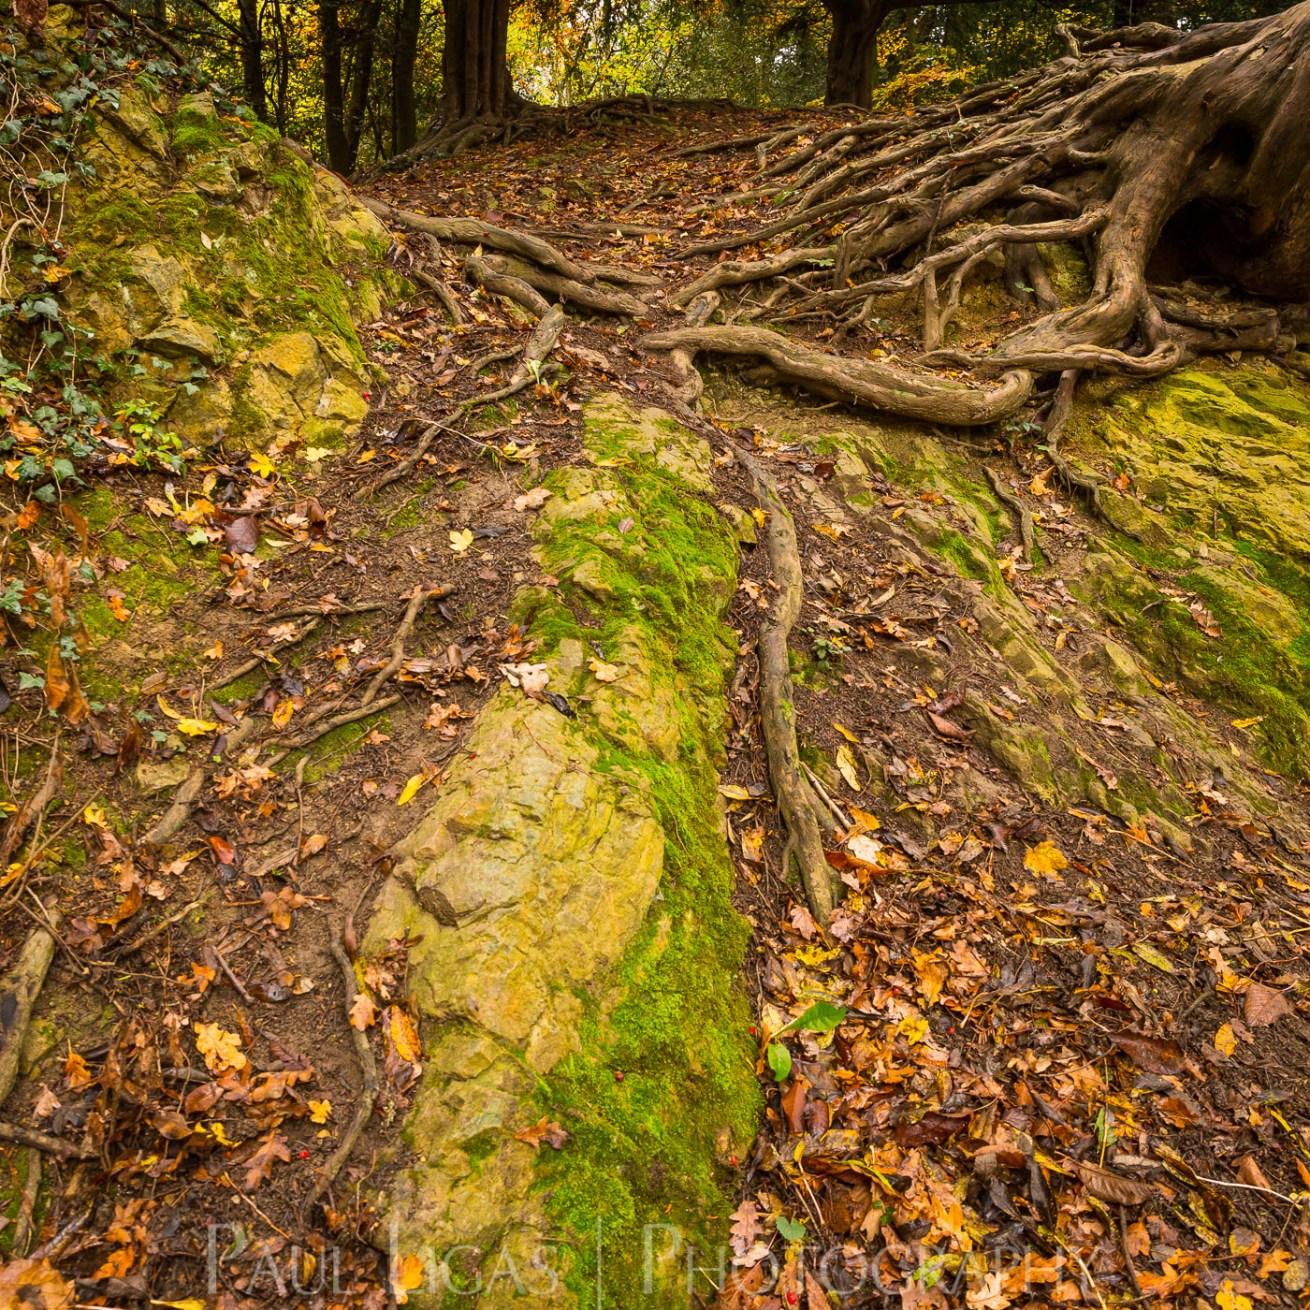 Dog Hill Wood, Ledbury, Herefordshire in Autumn nature photographer photography landscape 2645